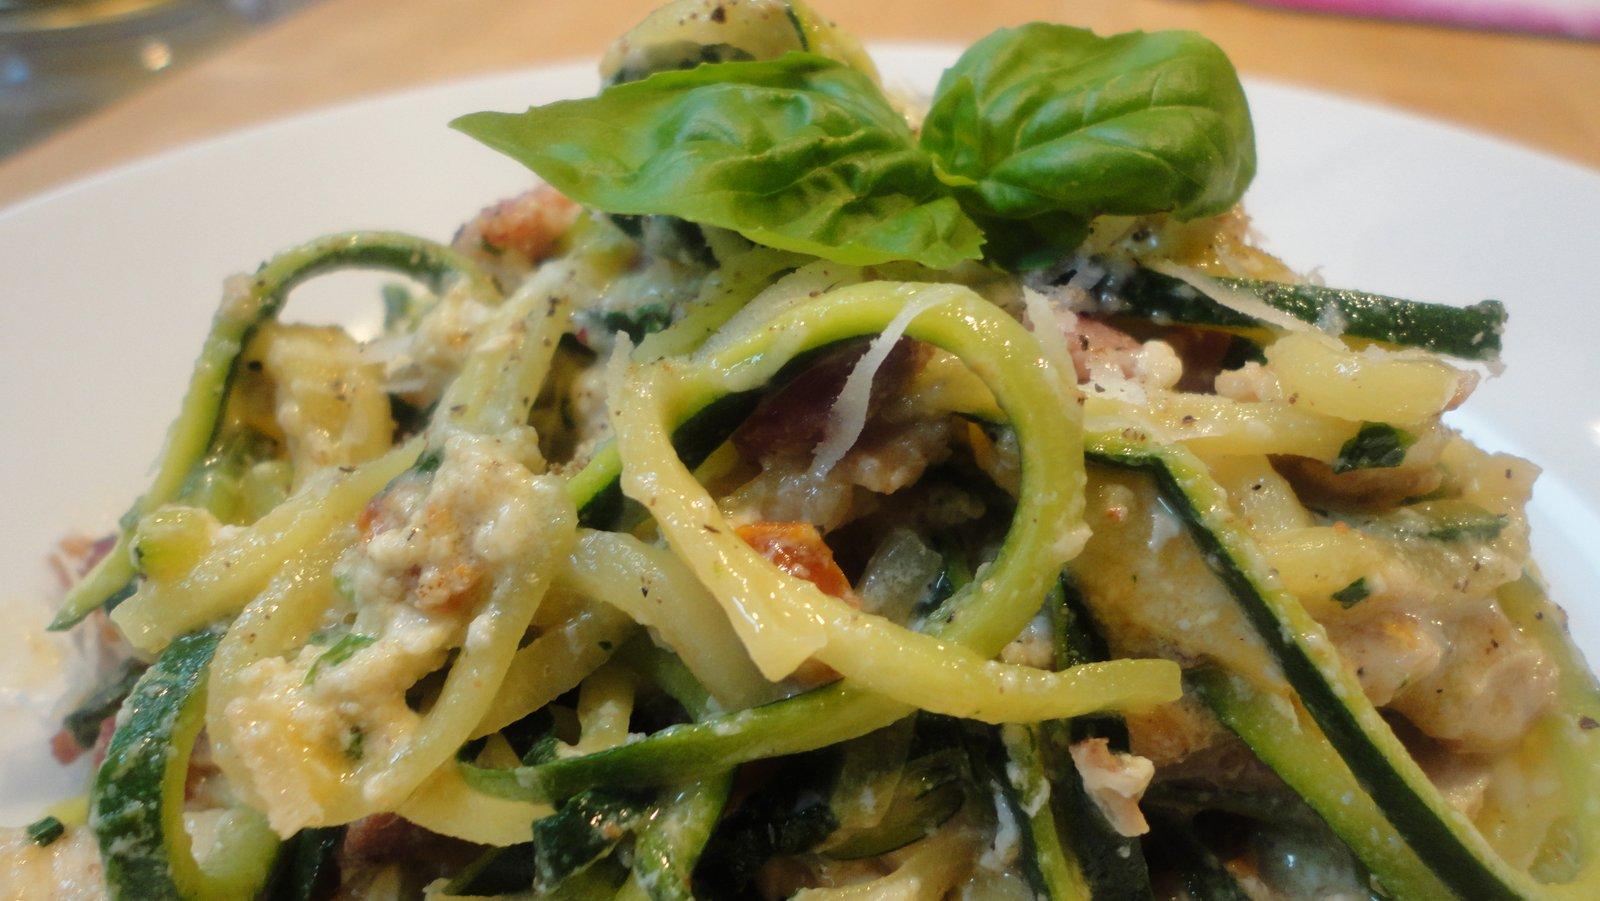 ... carbonara pasta carbonara daddy s carbonara zucchini carbonara 2